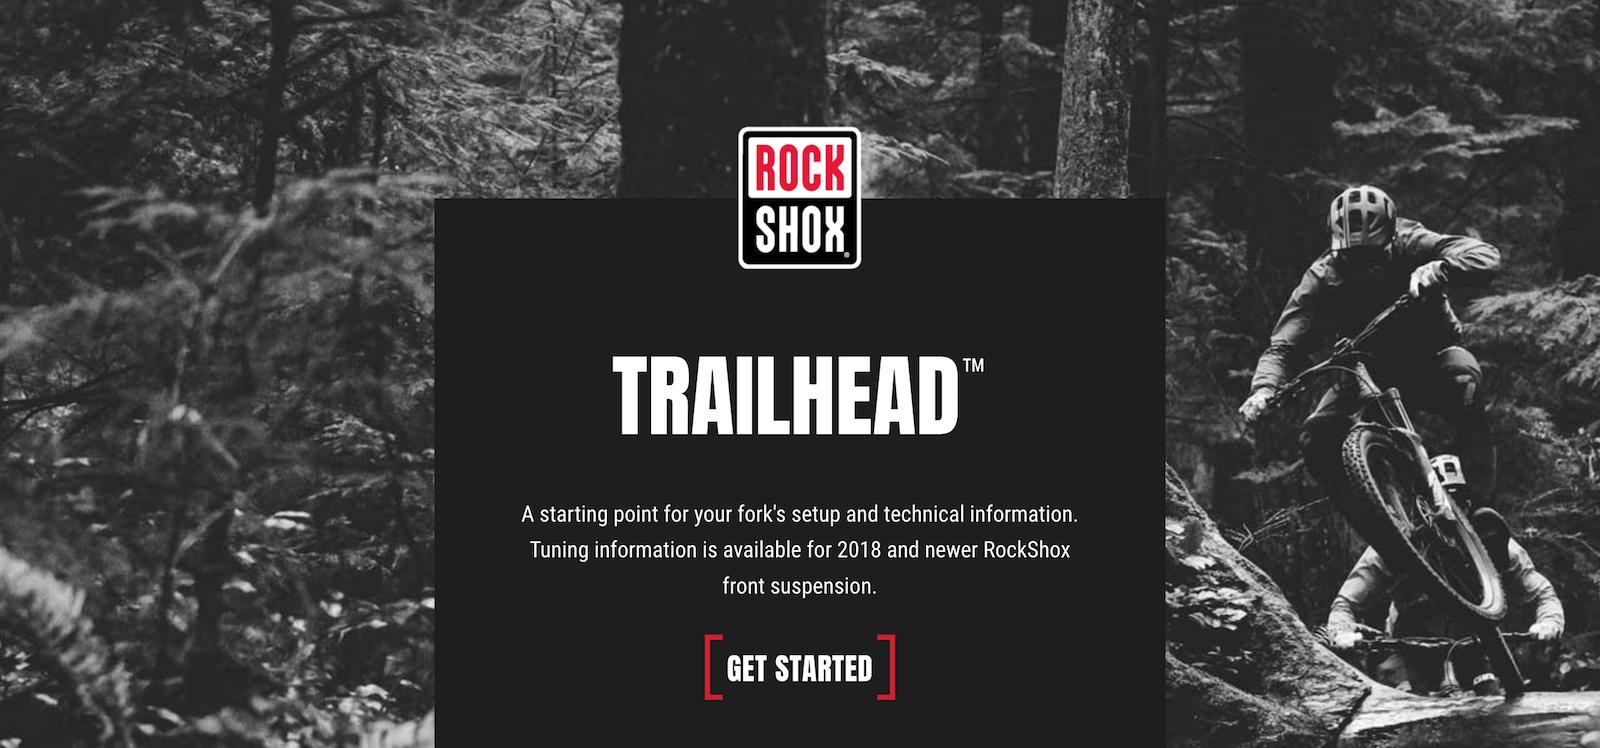 MTB-MAG COM - Mountain Bike Magazine | Trailhead: An App for